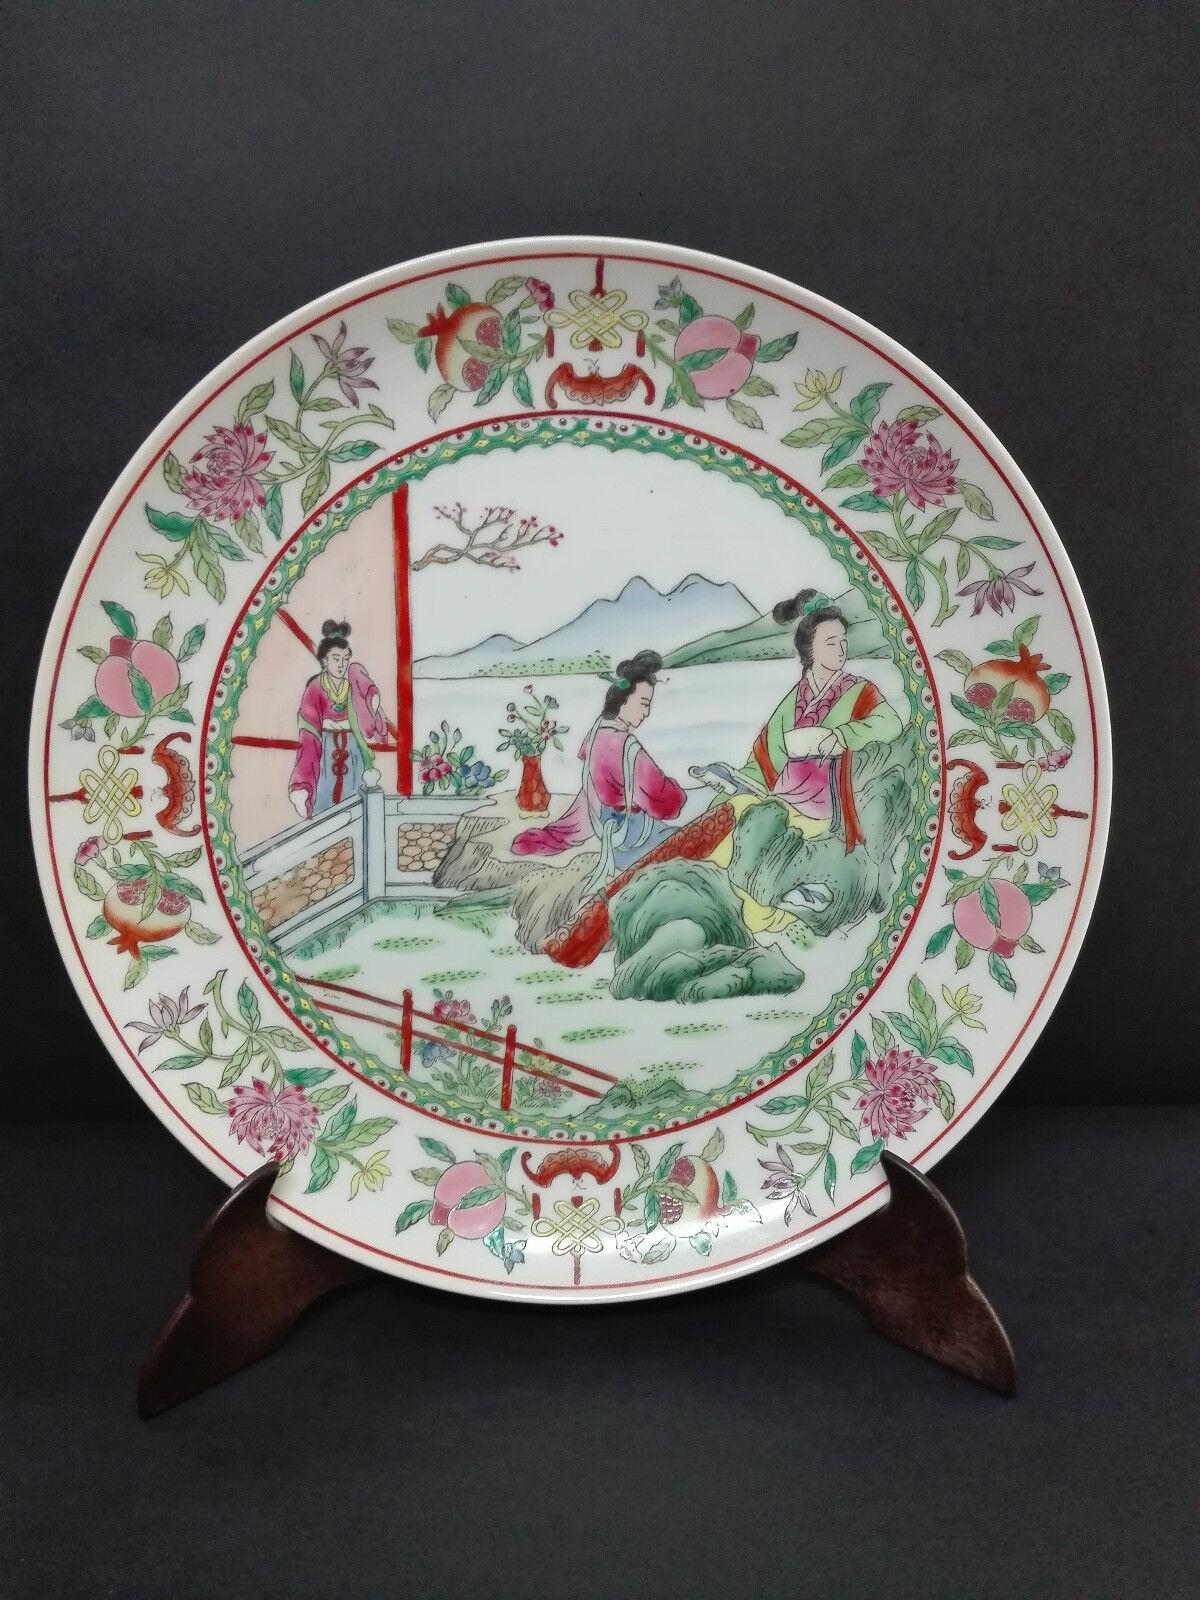 Antiguo Gran Plato en porcelana Canton china decoraciones pintadas pintadas pintadas a Femmeo 31cm. 3a6114